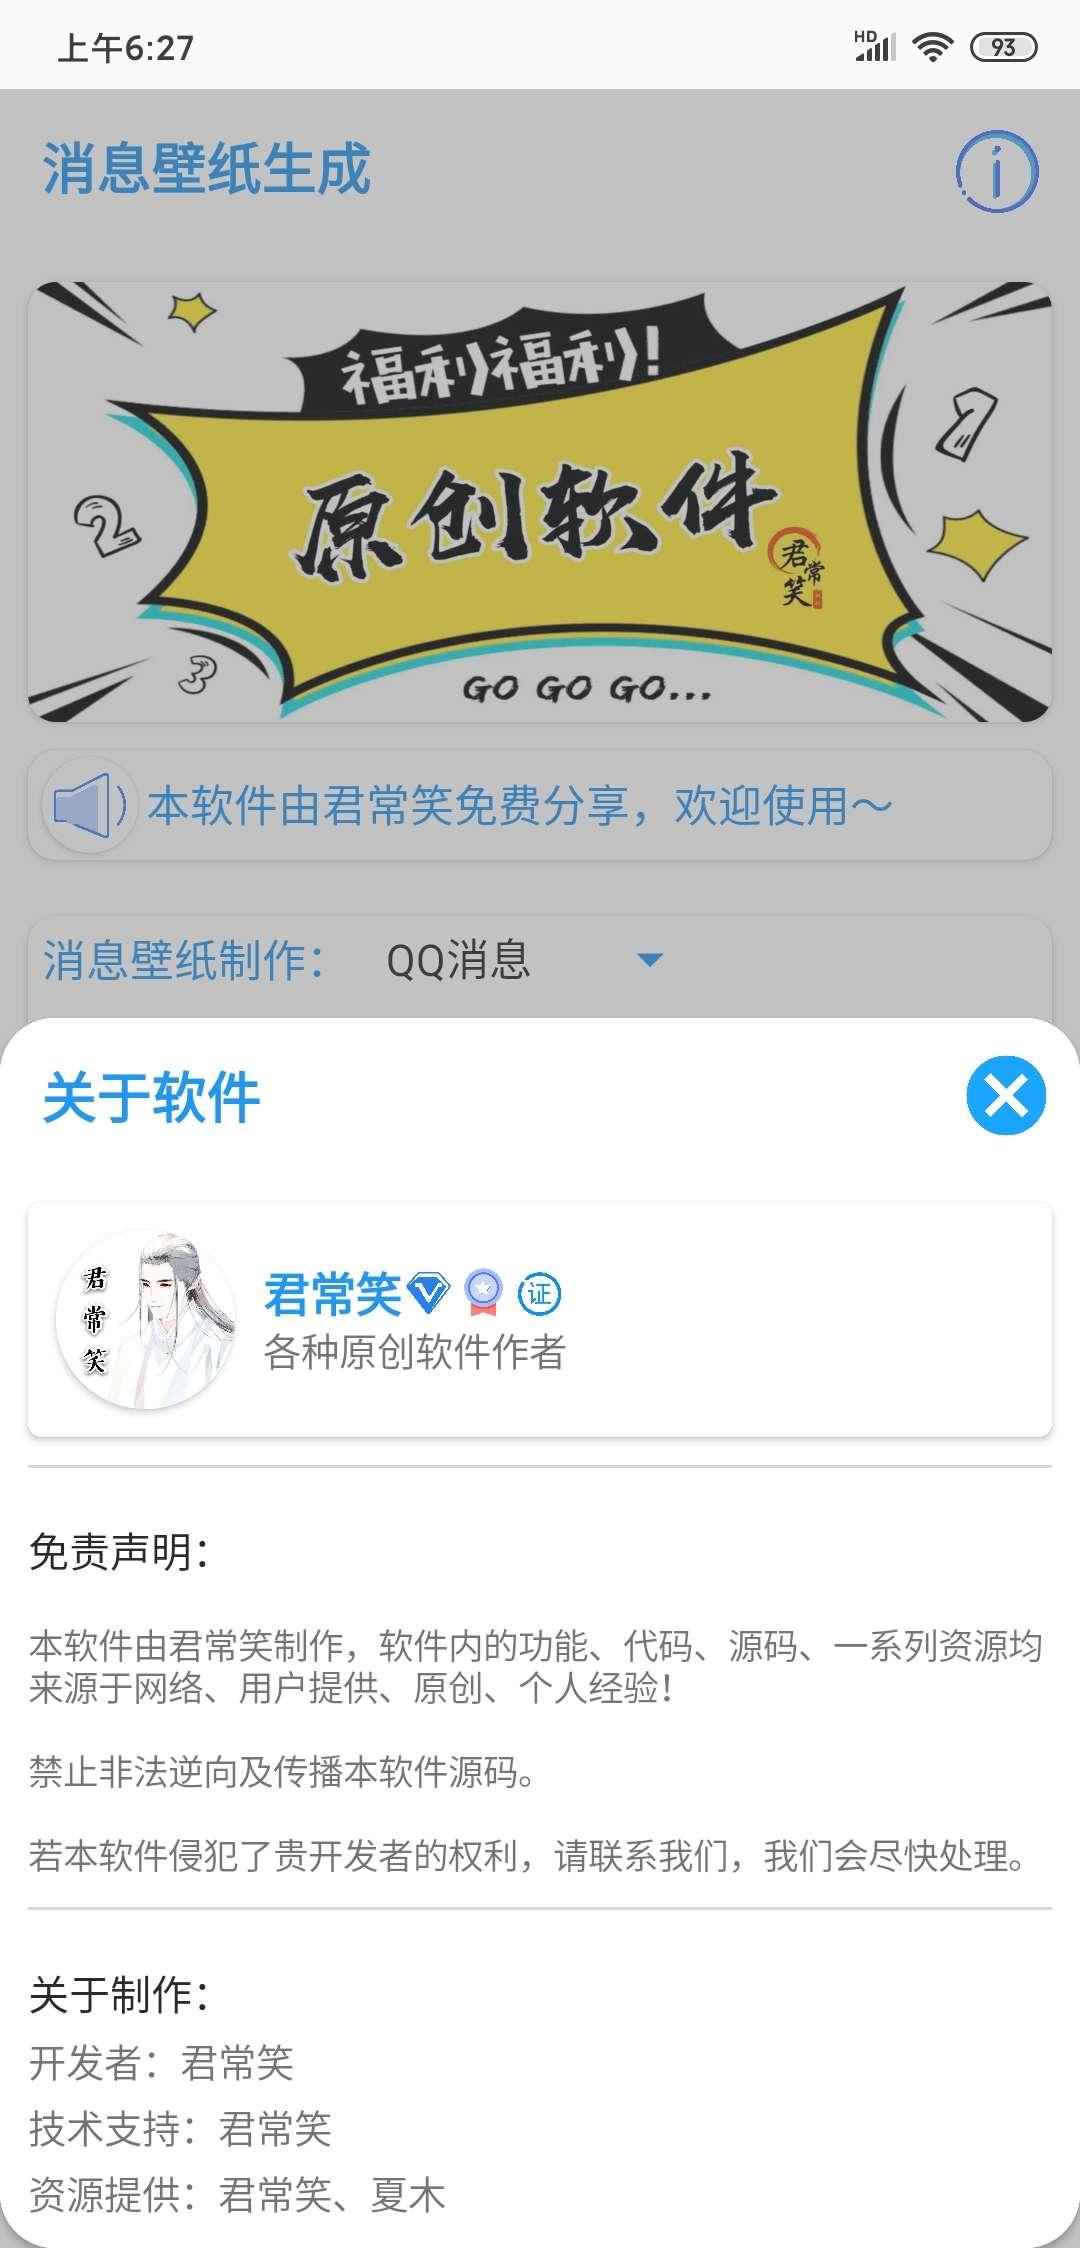 【原创开发】消息壁纸生成1.0 输入文字一键生成QQ微信消息壁纸-爱小助